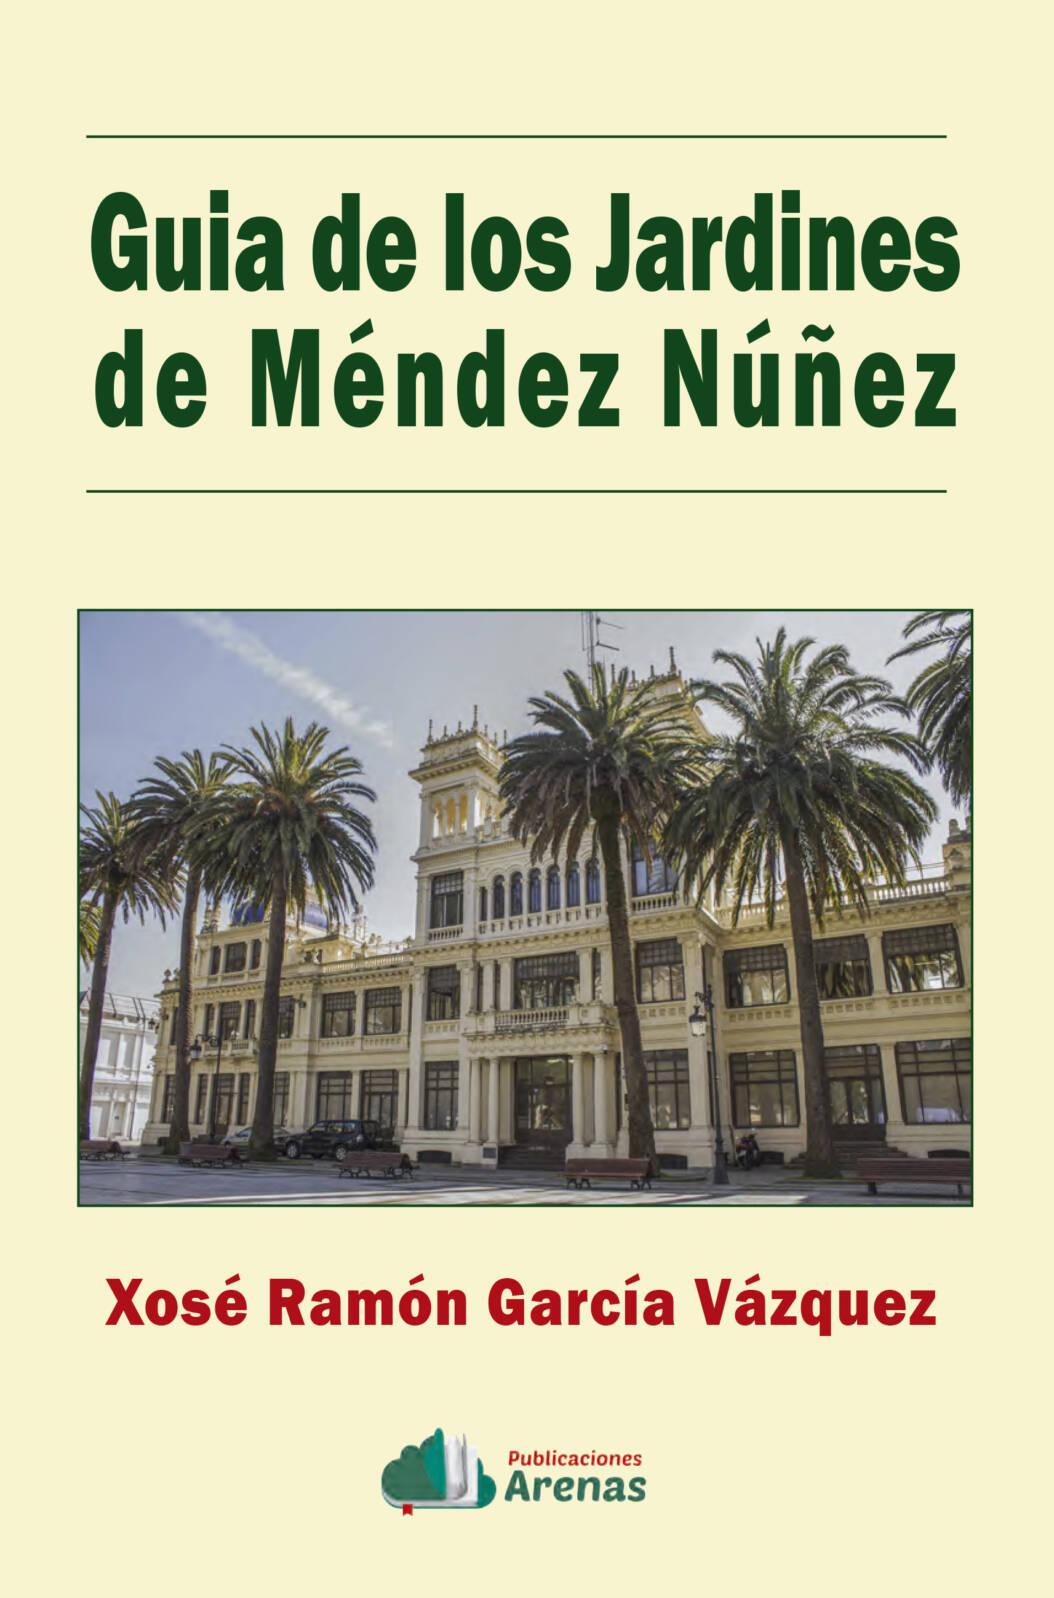 guia-jardines-e1618770573913.jpg